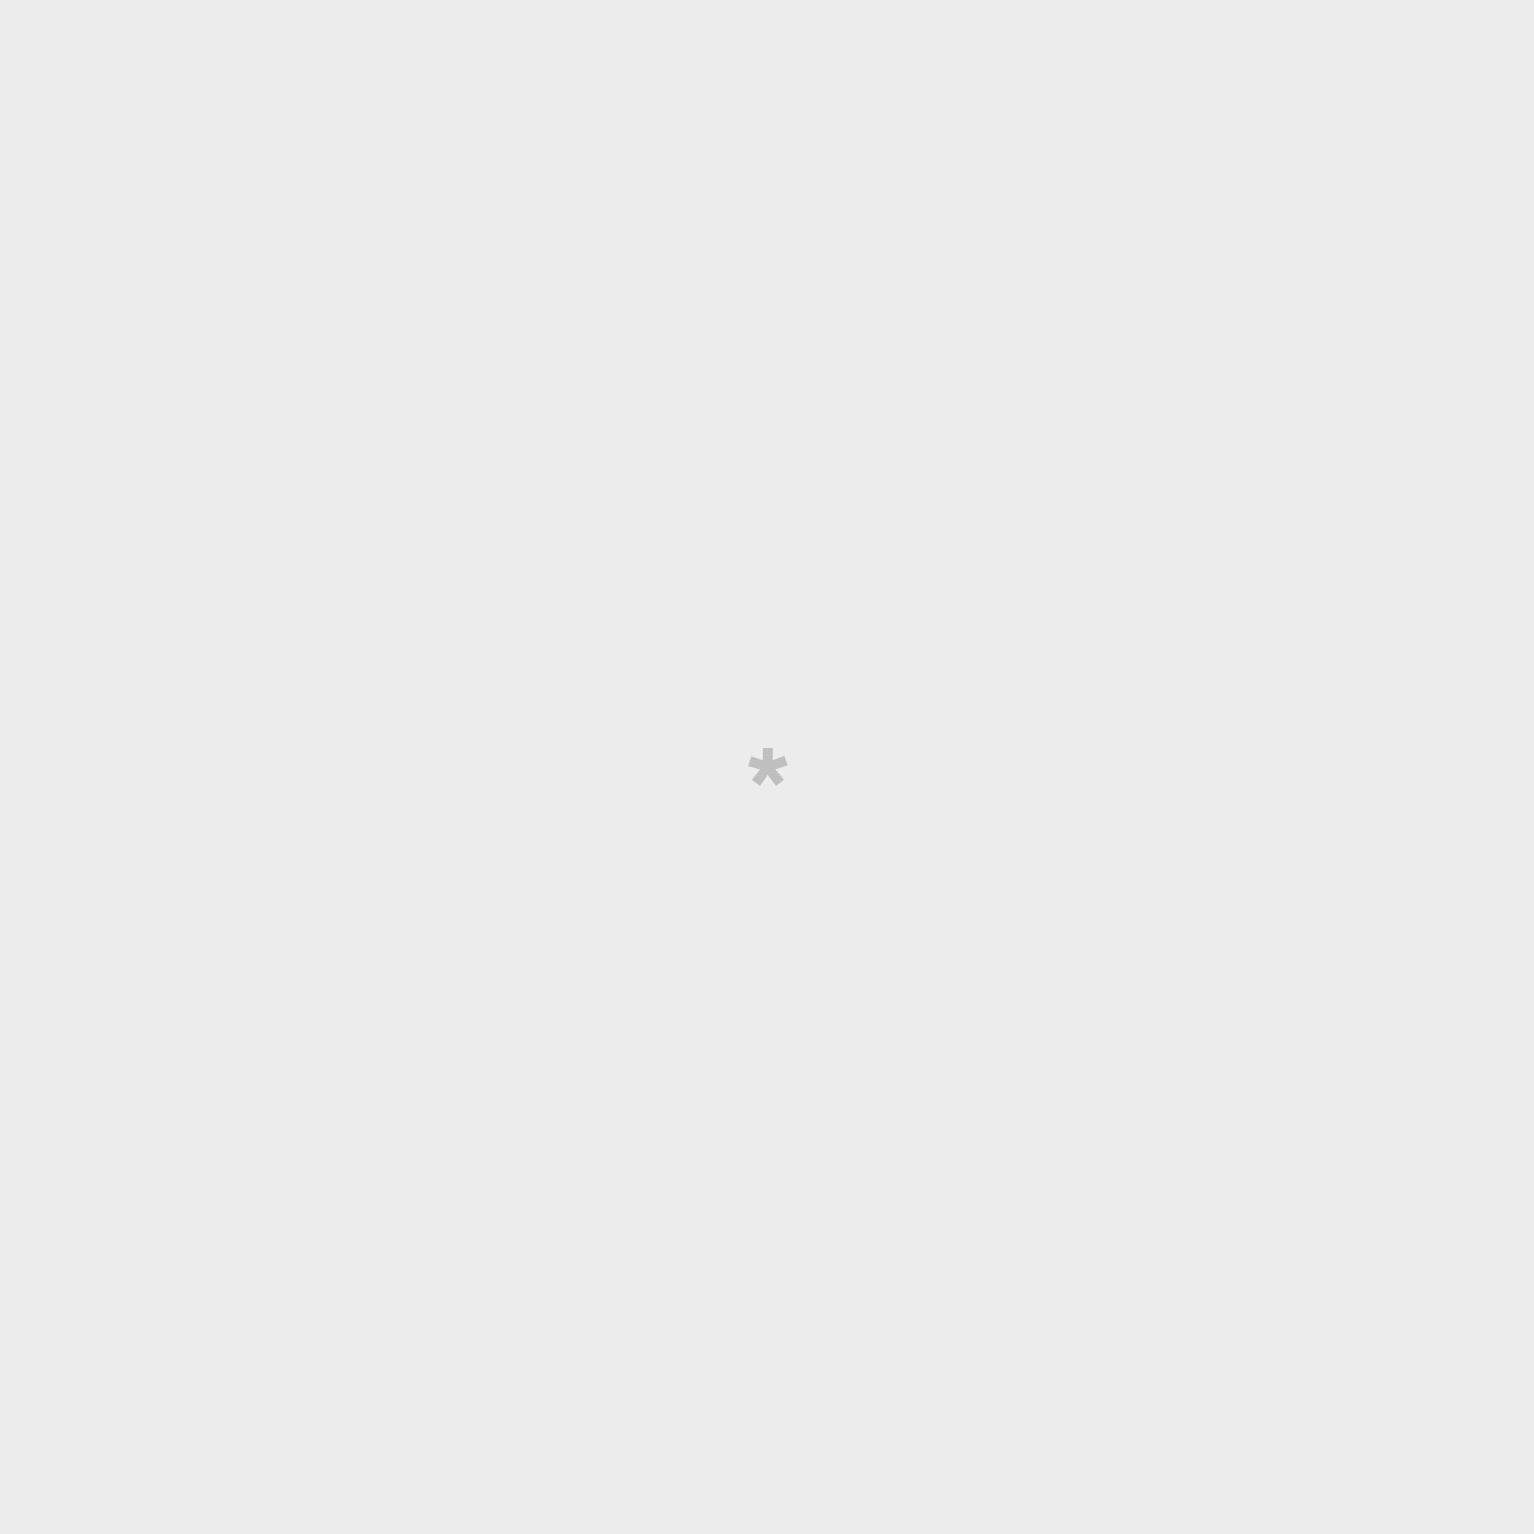 Rollo de papel pintado wonder - Buenos días y buenas noches (Color Rosa)